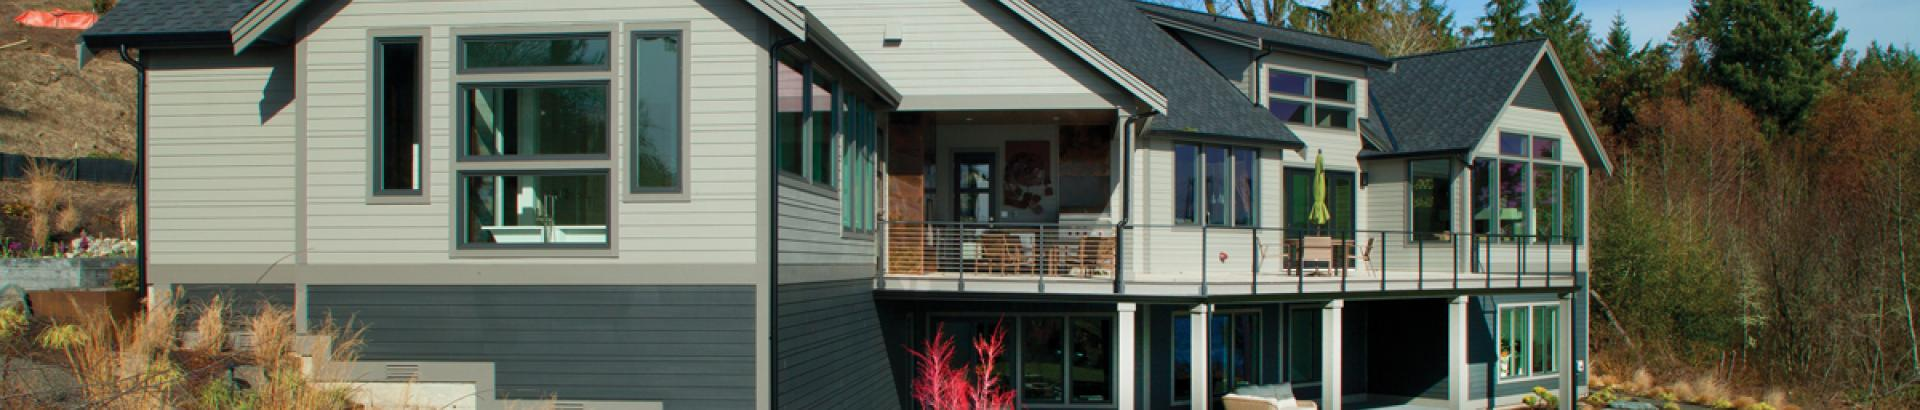 painted vinyl windows by Milgard